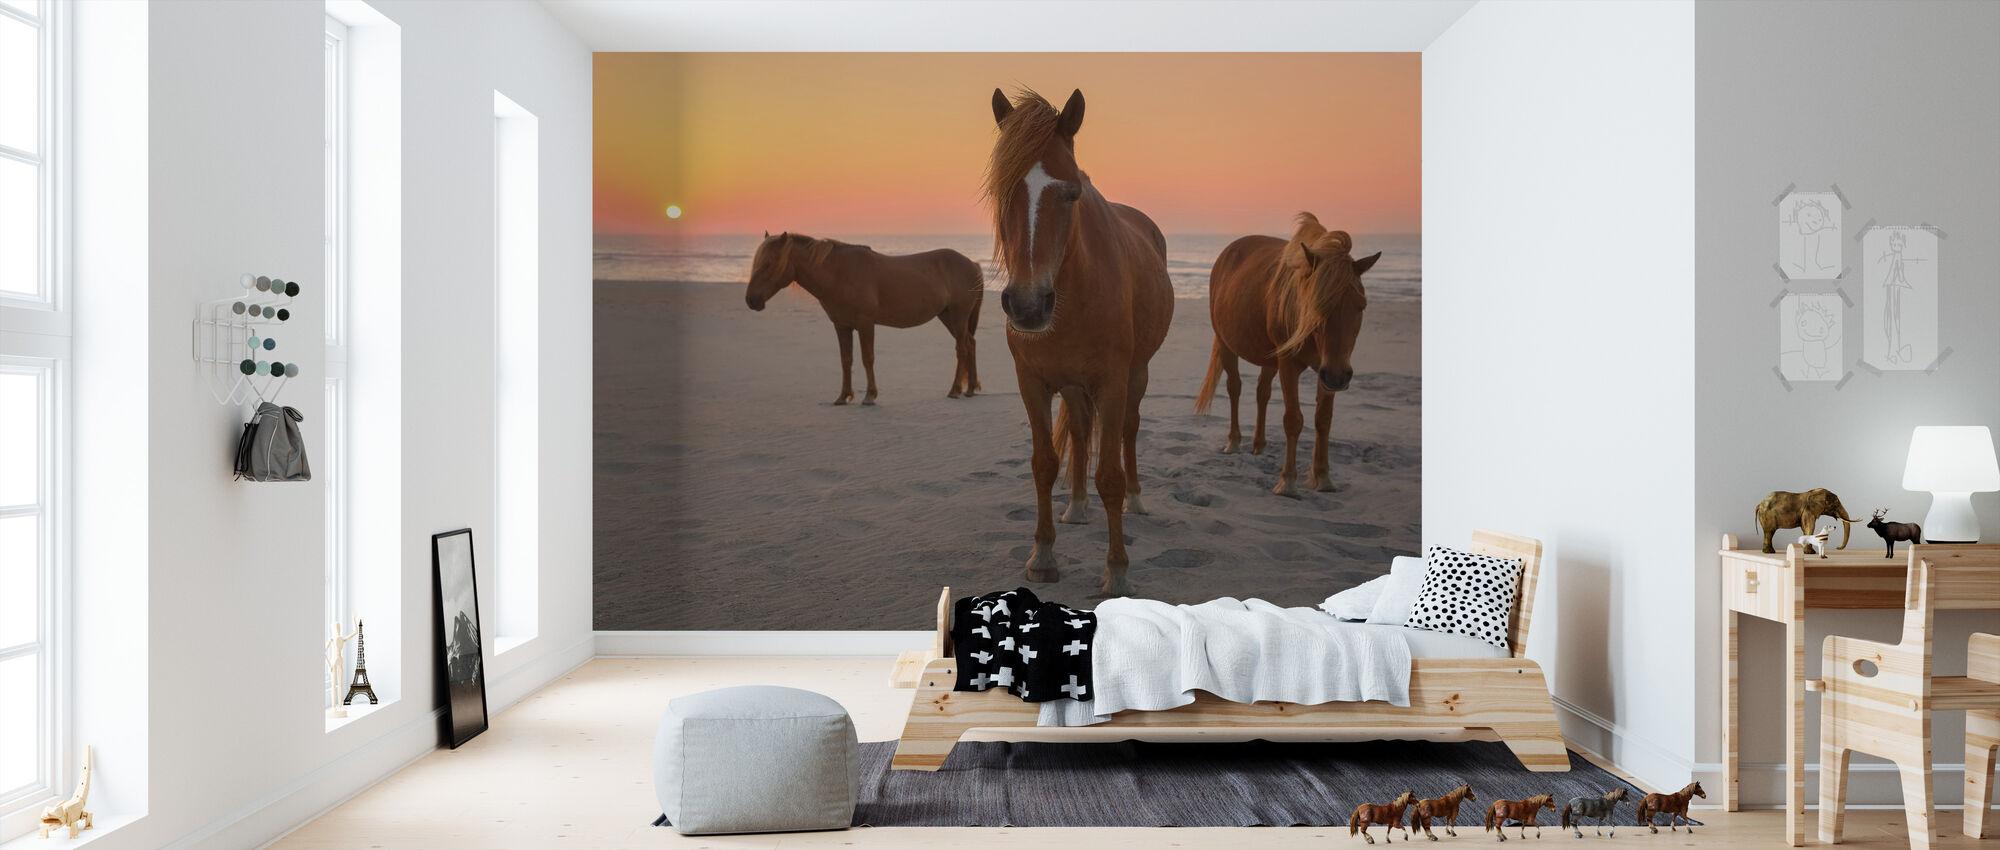 Kastanienpferde am Sunset Beach - Tapete - Kinderzimmer